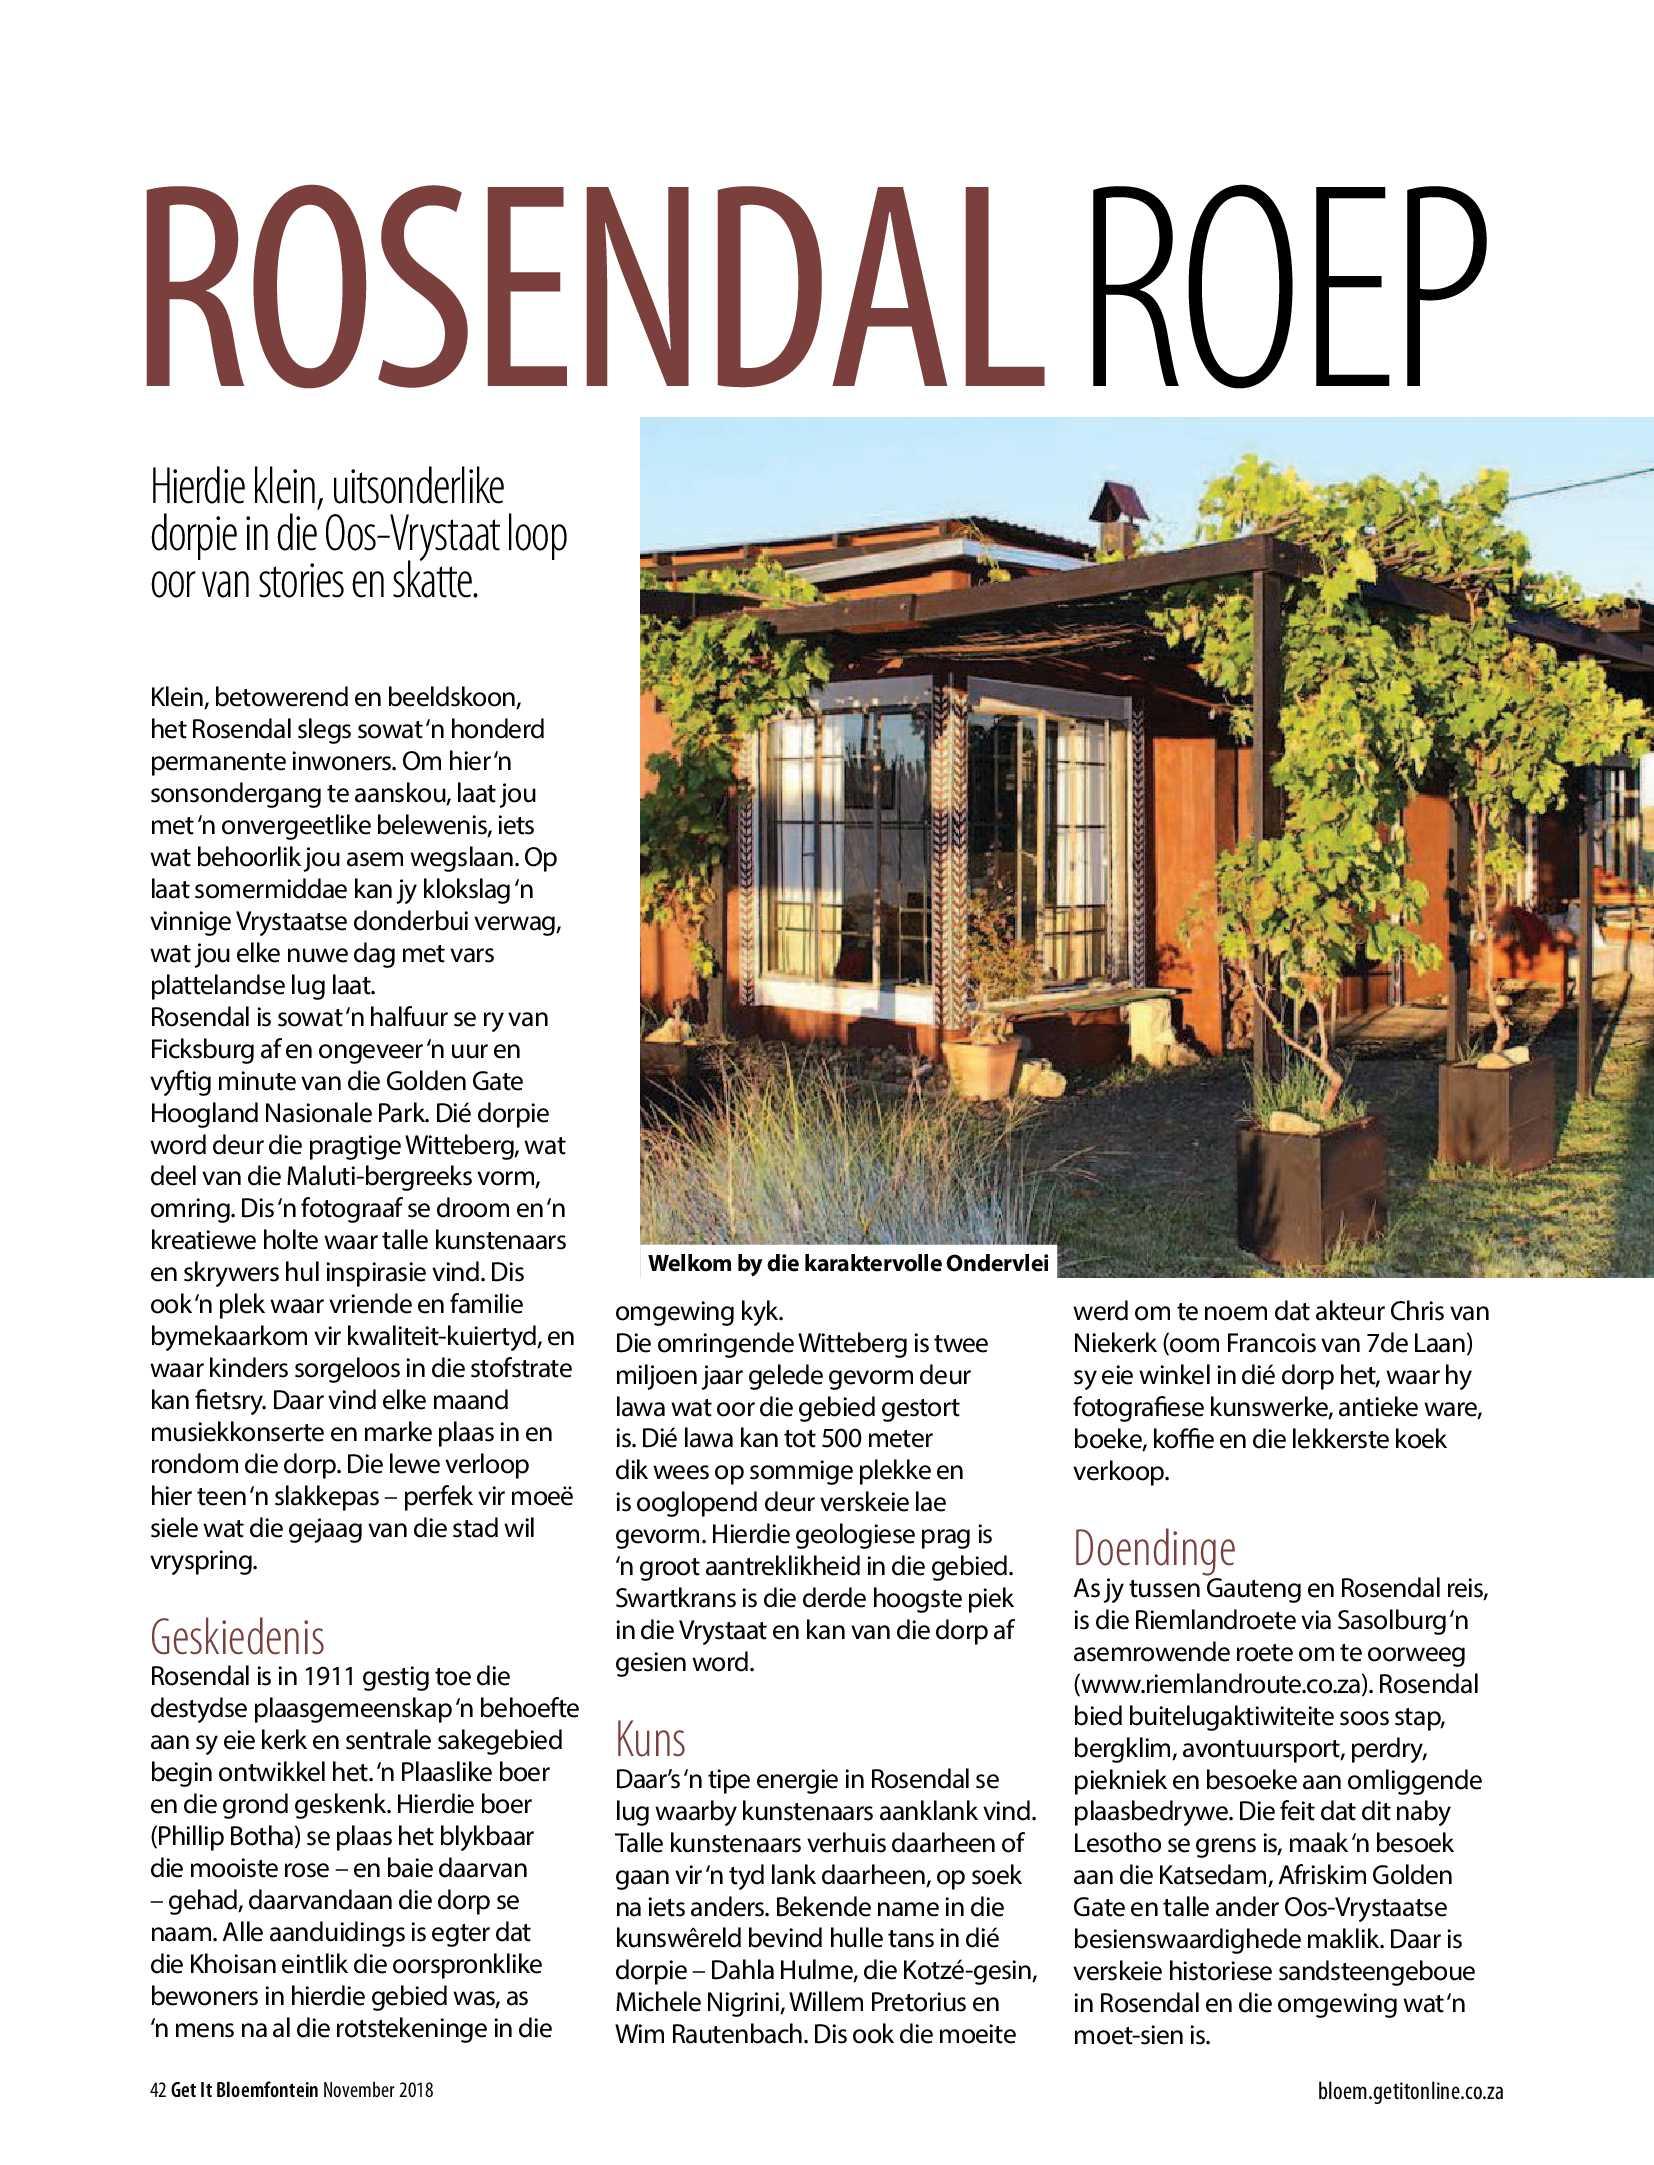 get-bloemfontein-november-2018-epapers-page-44